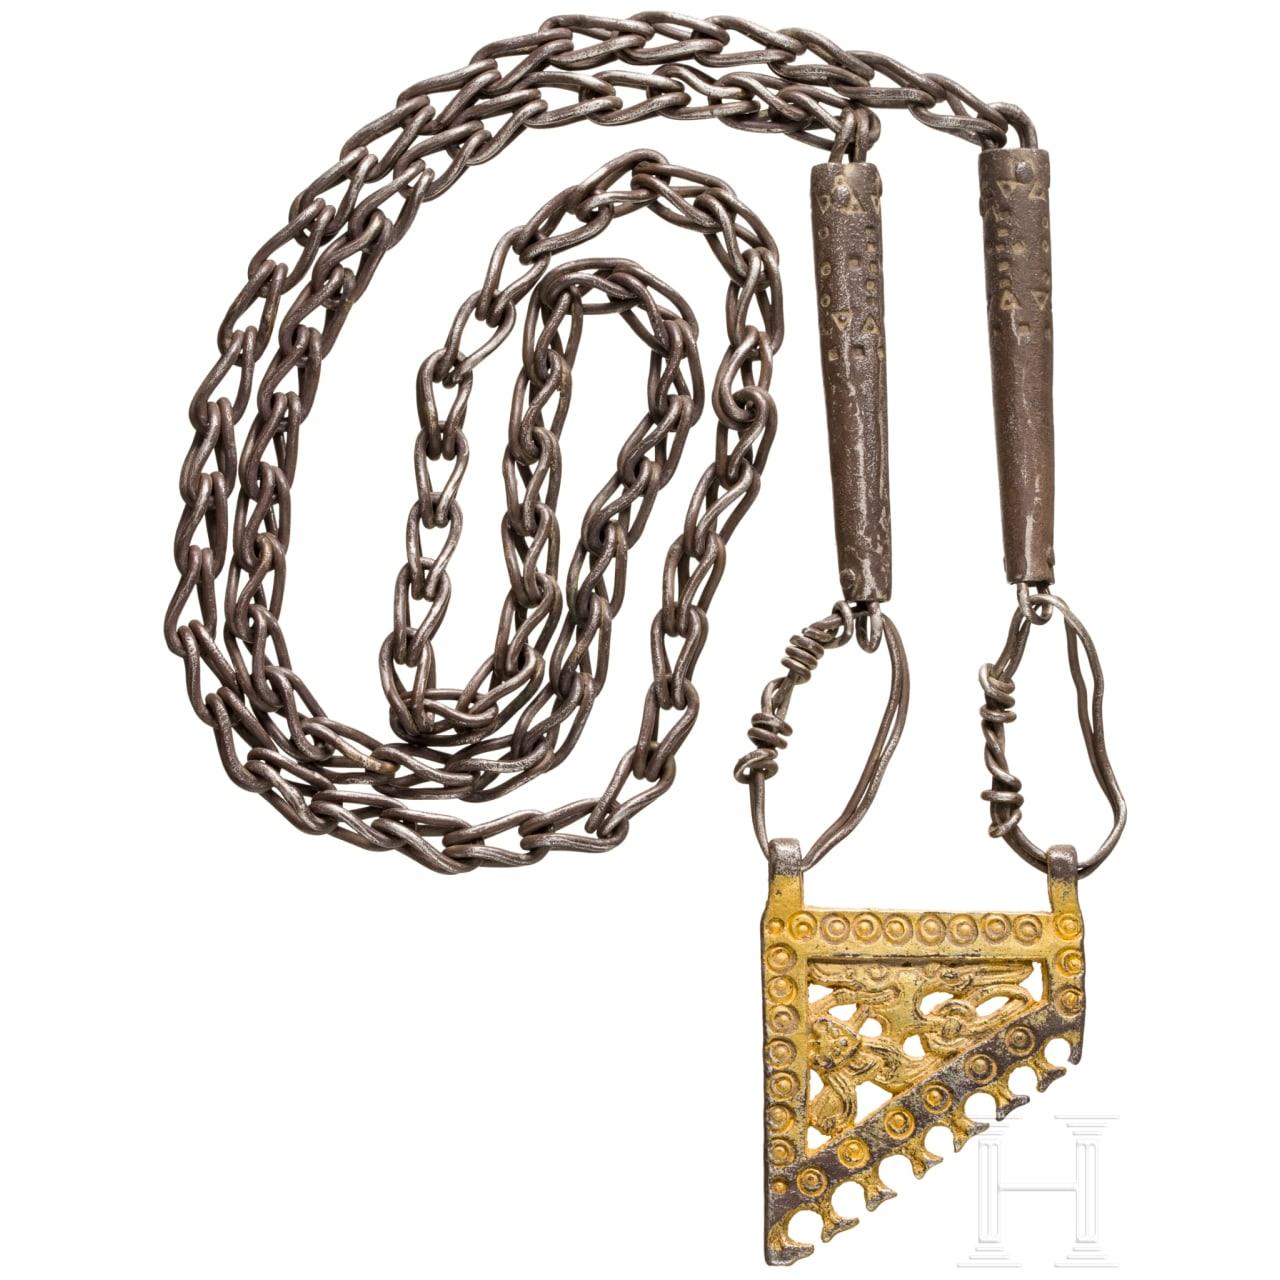 Silberkette mit vergoldetem Anhänger, wikingisch, Skandinavien, 9. – 10. Jhdt.